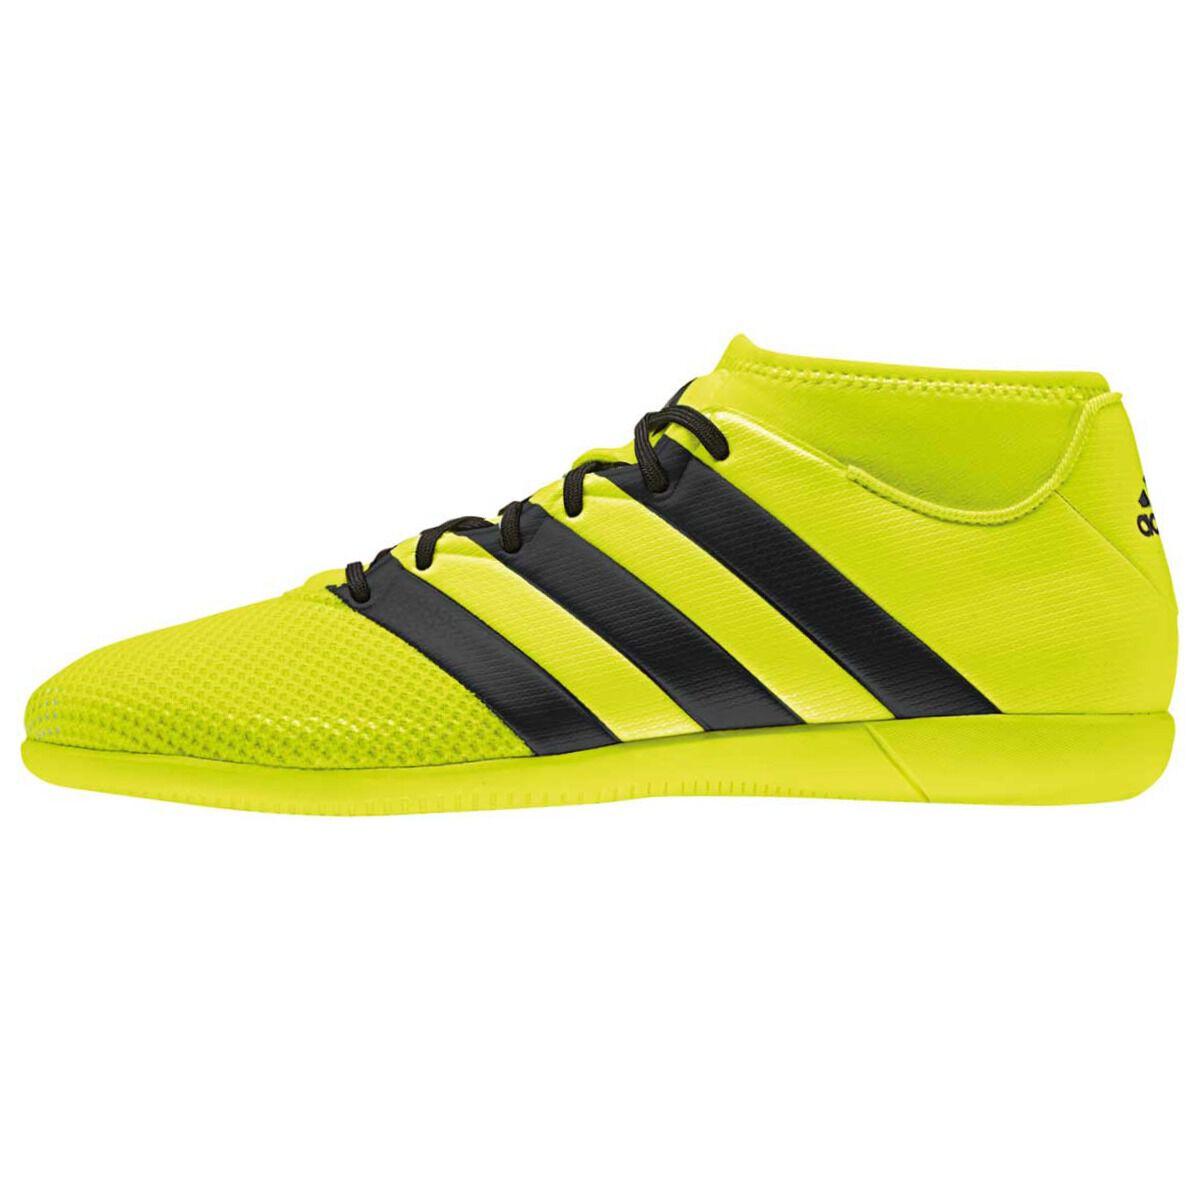 Adidas ace primemesh Uomo scarpe da calcio giallo / nero 10